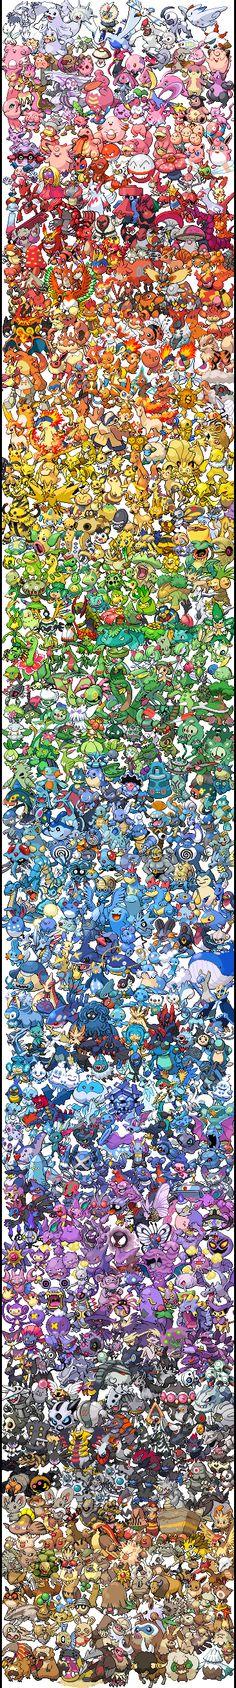 Pokemon Sprite Spectrum | All 649 Pokemon (gogoatt.tumblr.com)